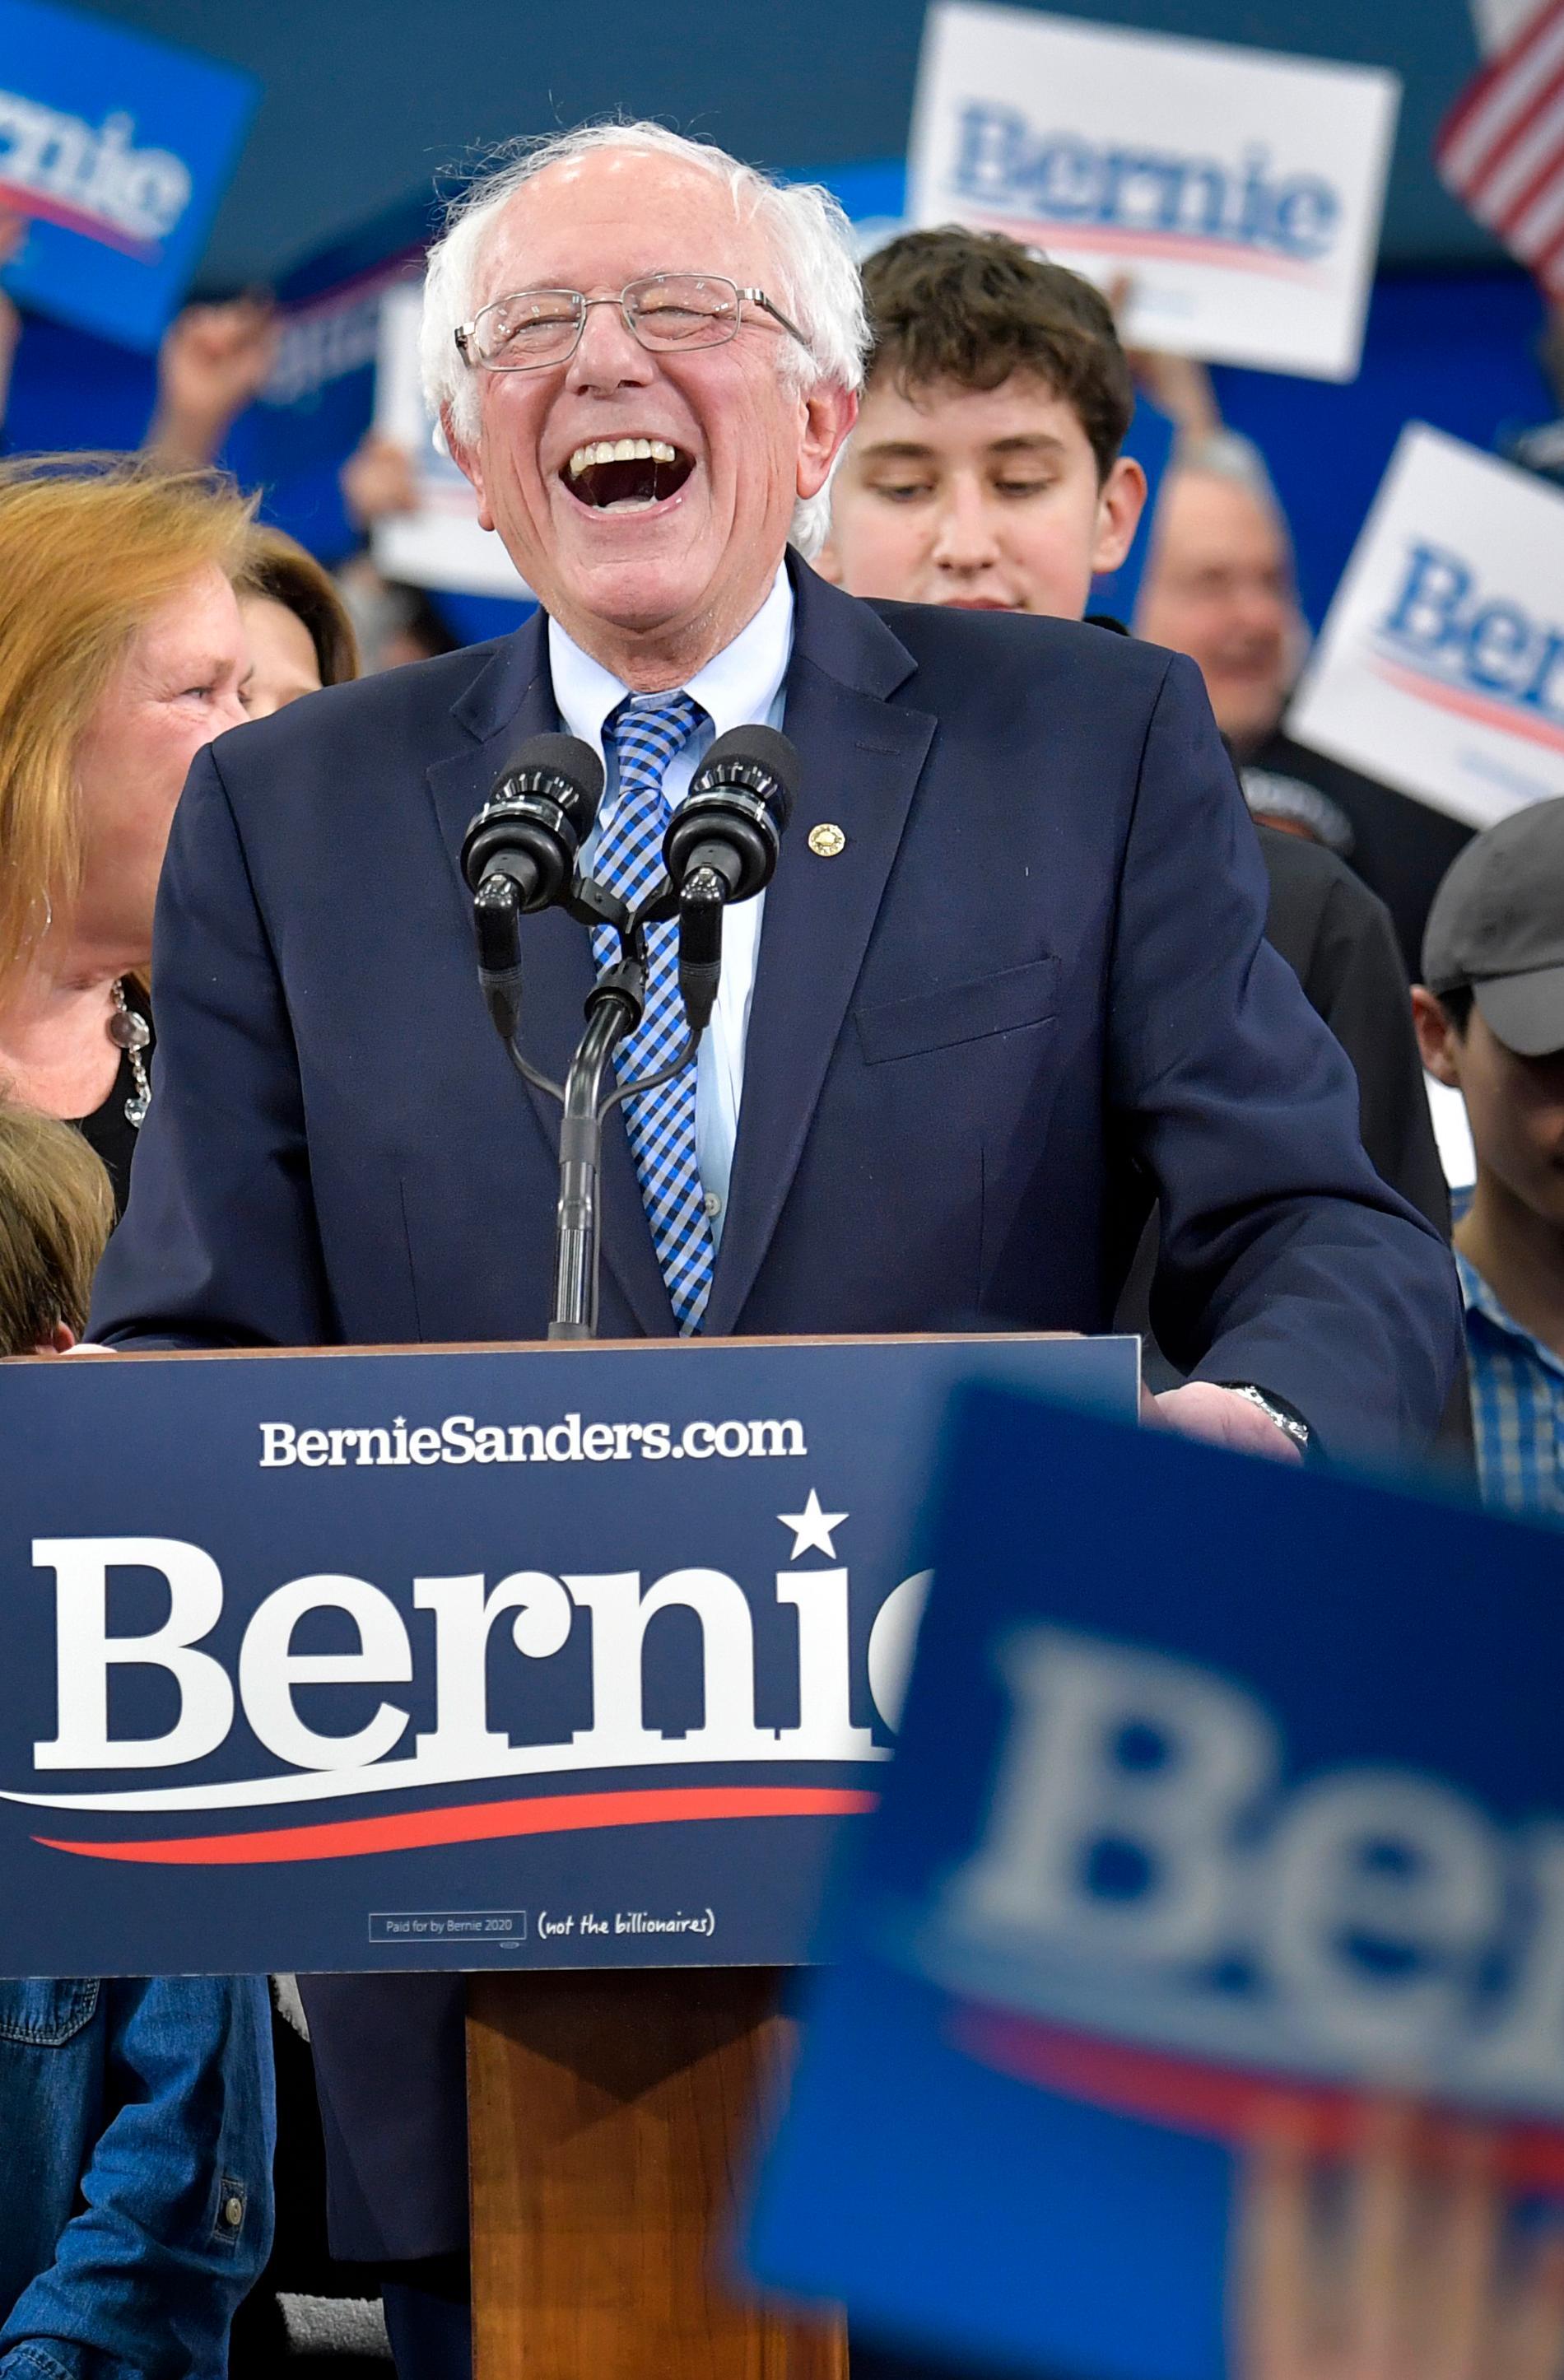 Det tar flera minuter innan Bernie Sanders skrattande får anhängarna att tystna efter resultatjublet.